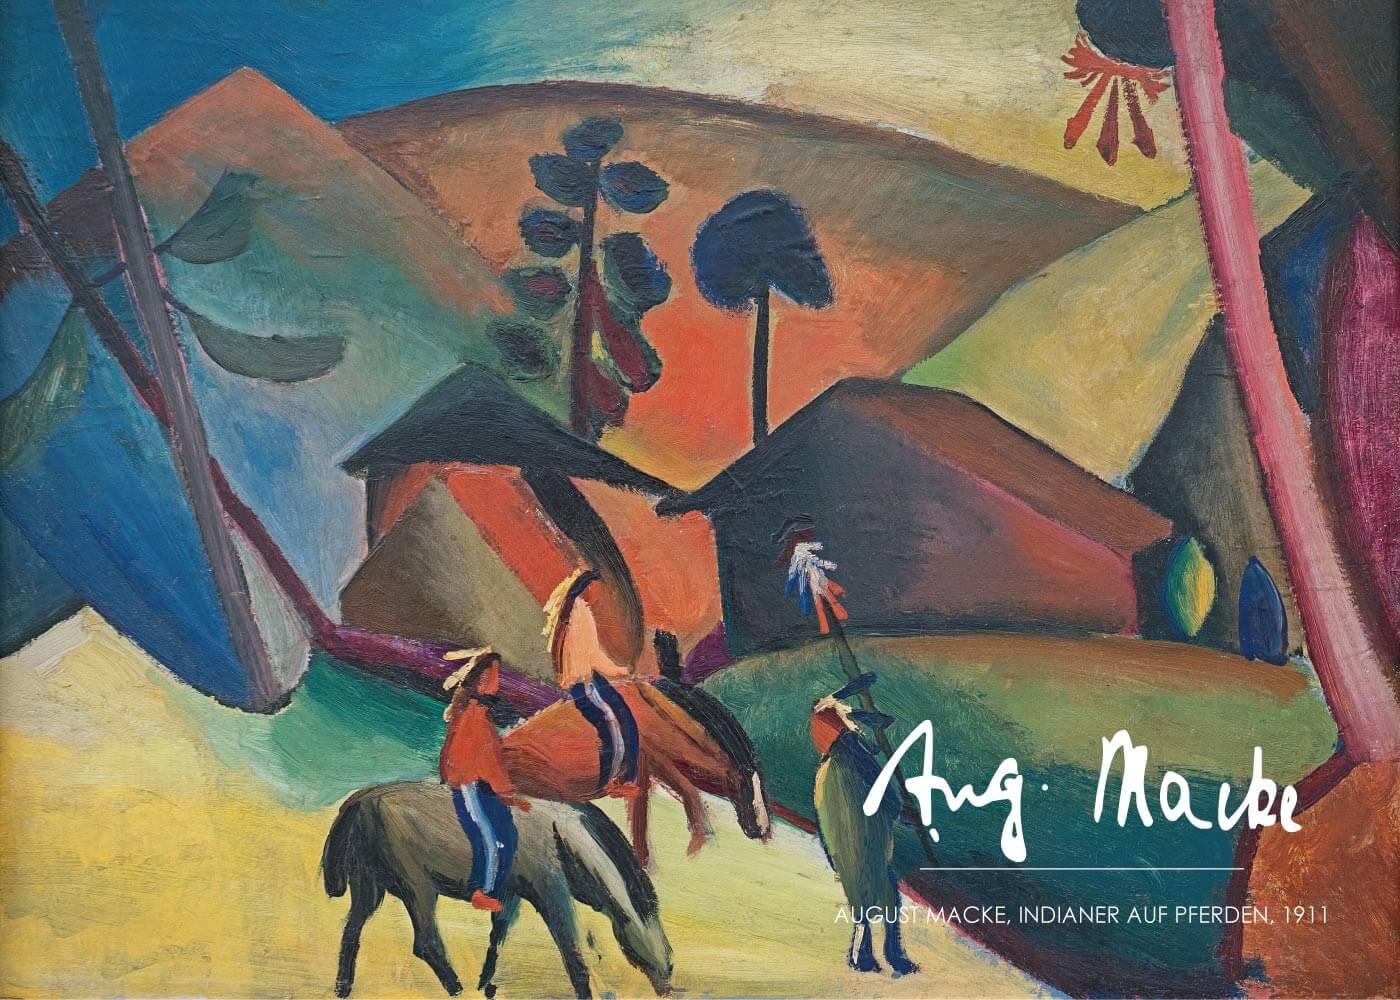 Billede af Indianer auf pferden - August Macke